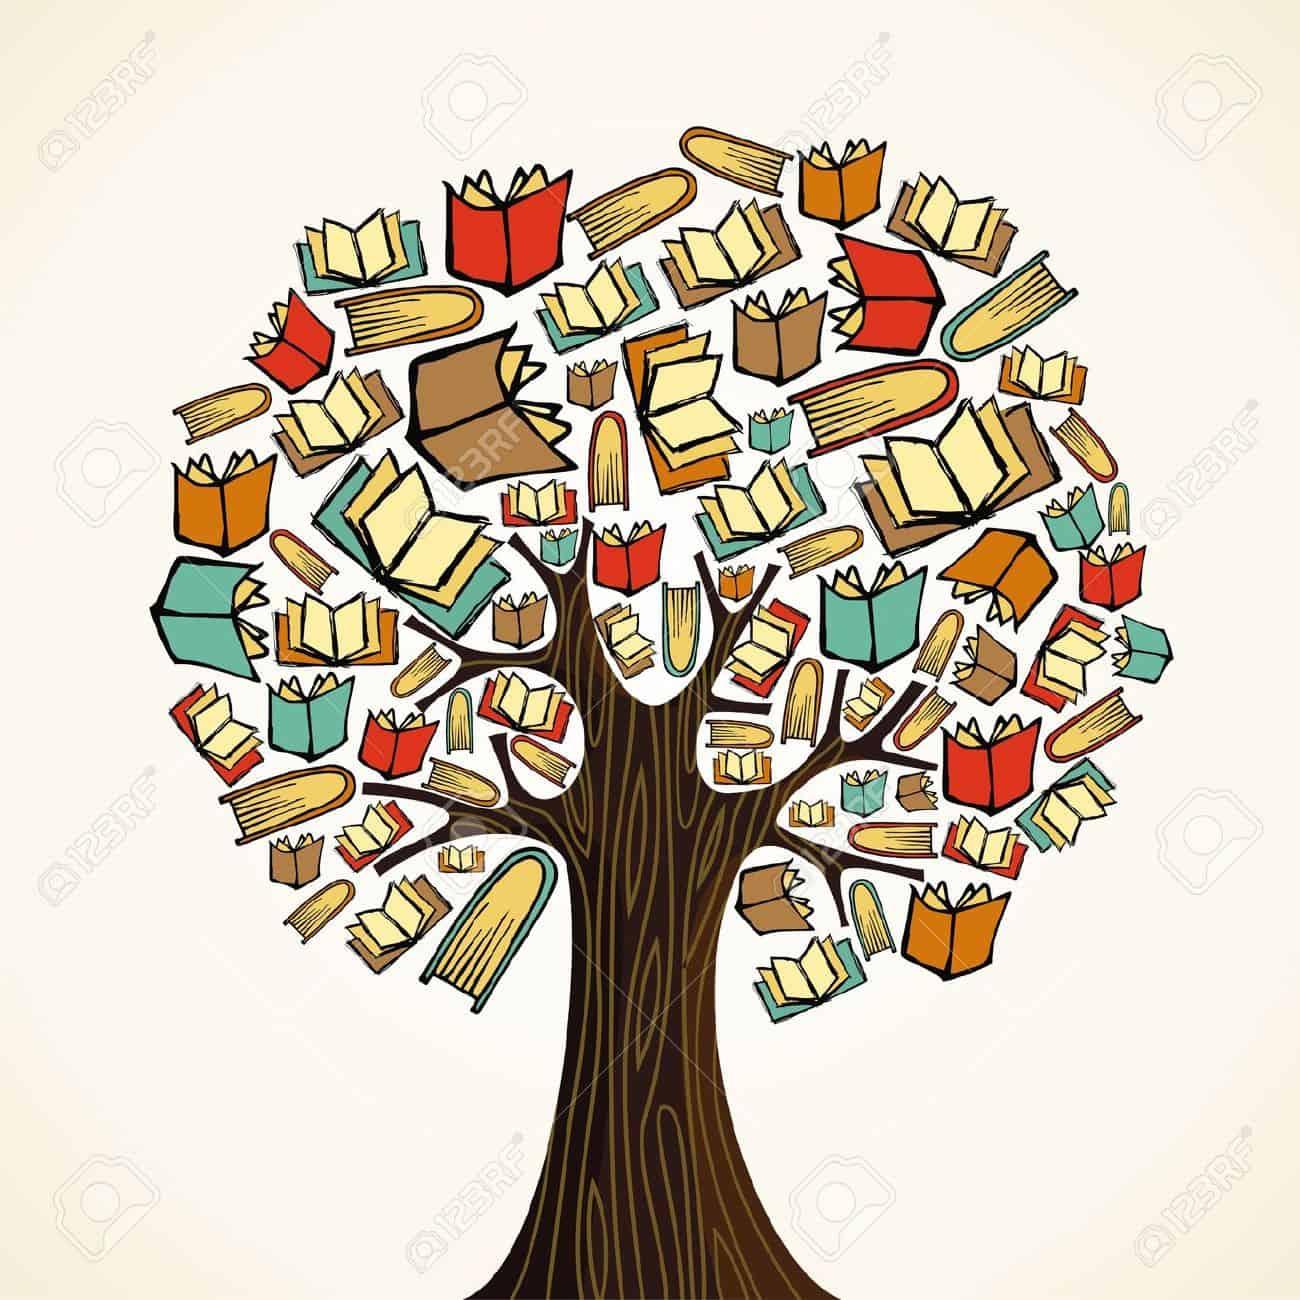 Что вы сейчас читаете? Опрос по случаю Года литературы. Фото www.123rf.com